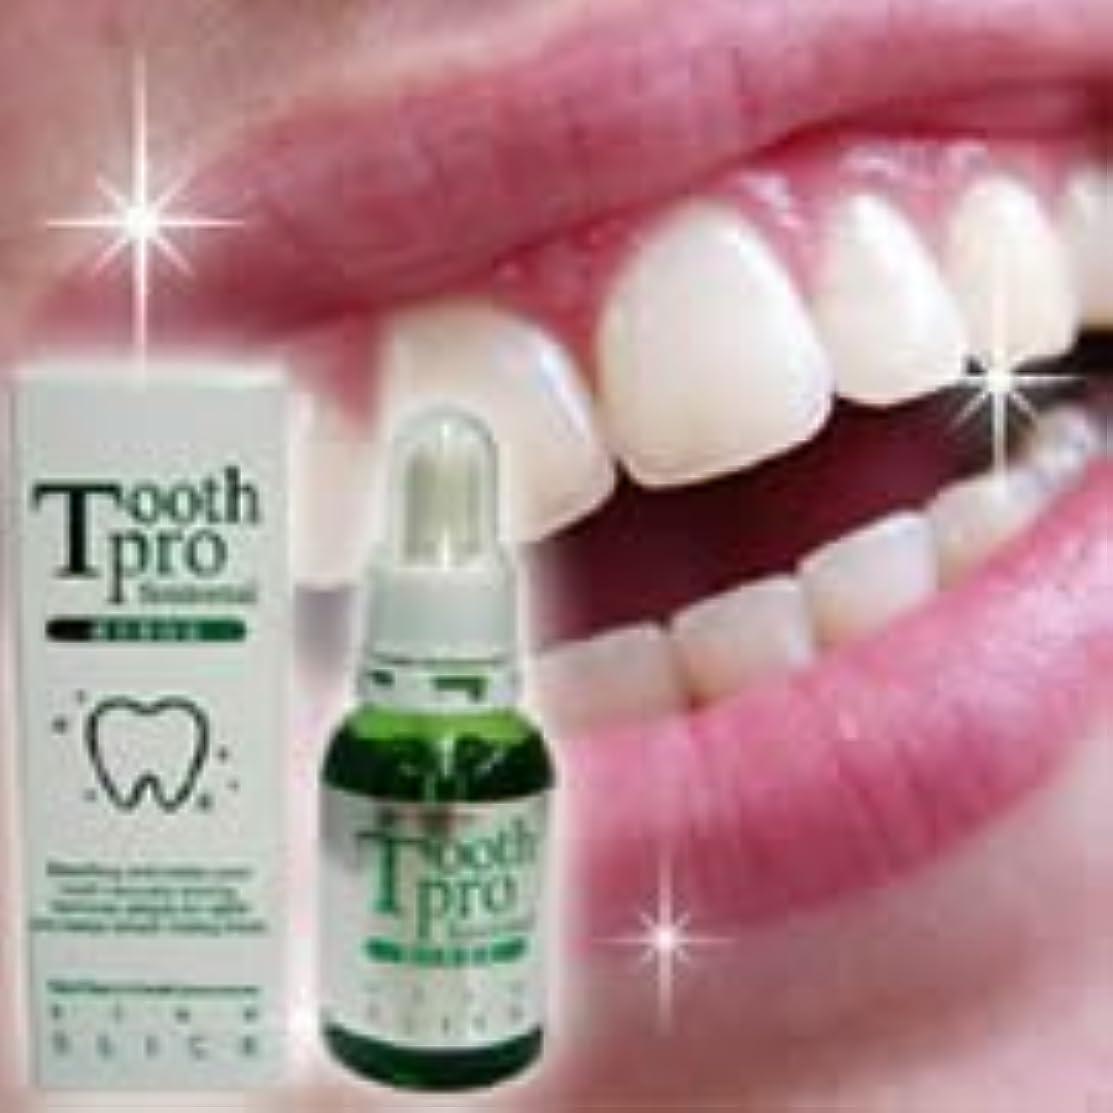 コンセンサスポンペイデッキトゥース プロフェッショナル 20ml ×2個セット (tooth professional)